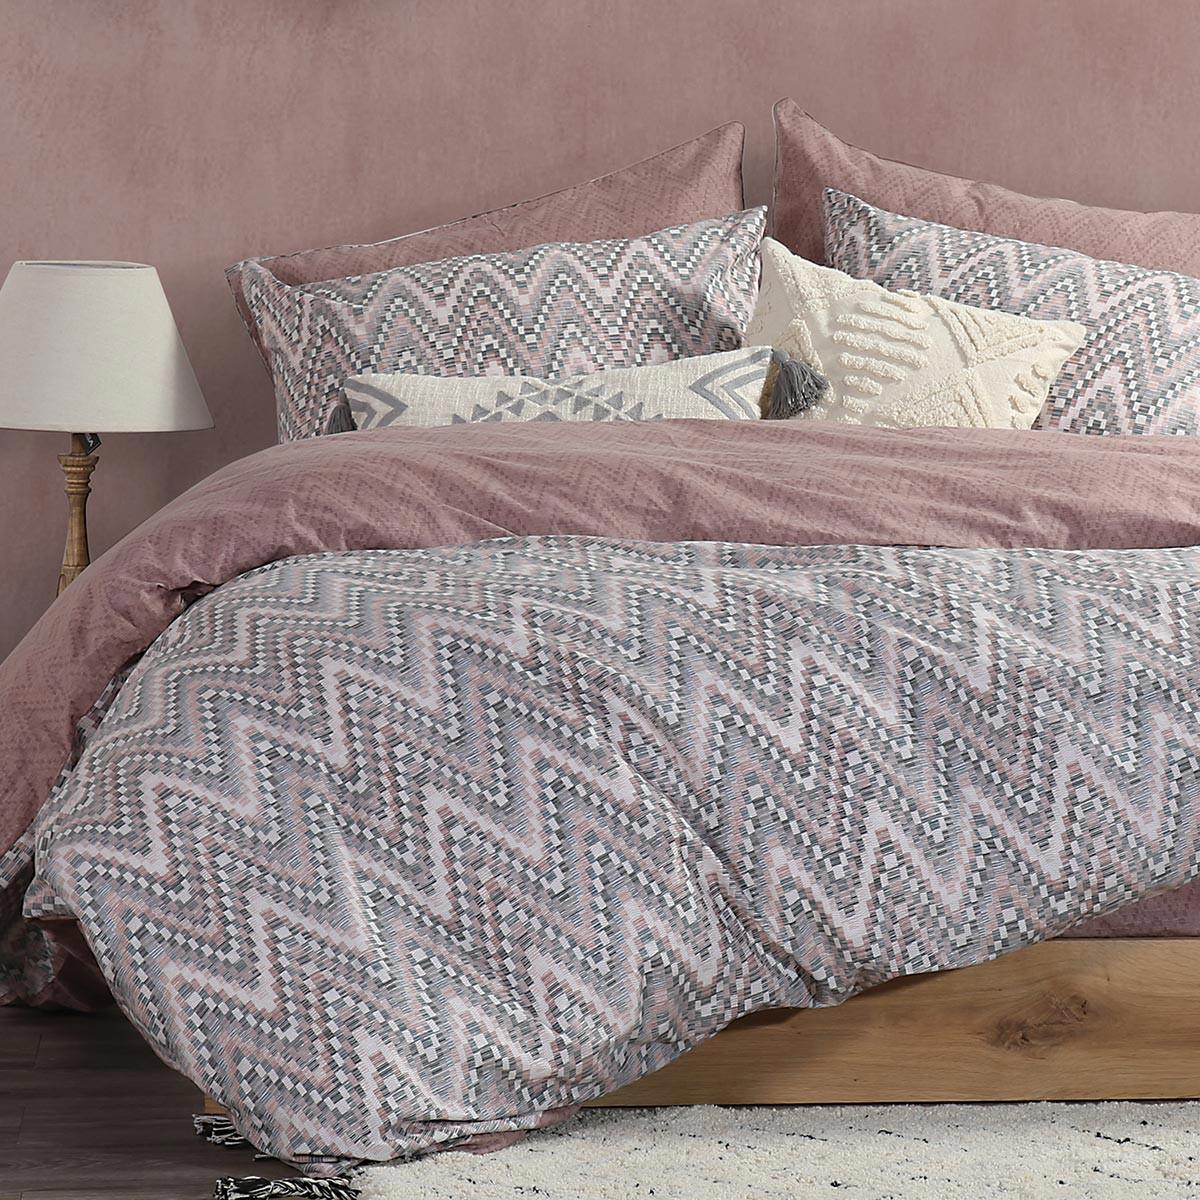 Σεντόνια King Size (Σετ) Nef-Nef Smart Mozaik Pink